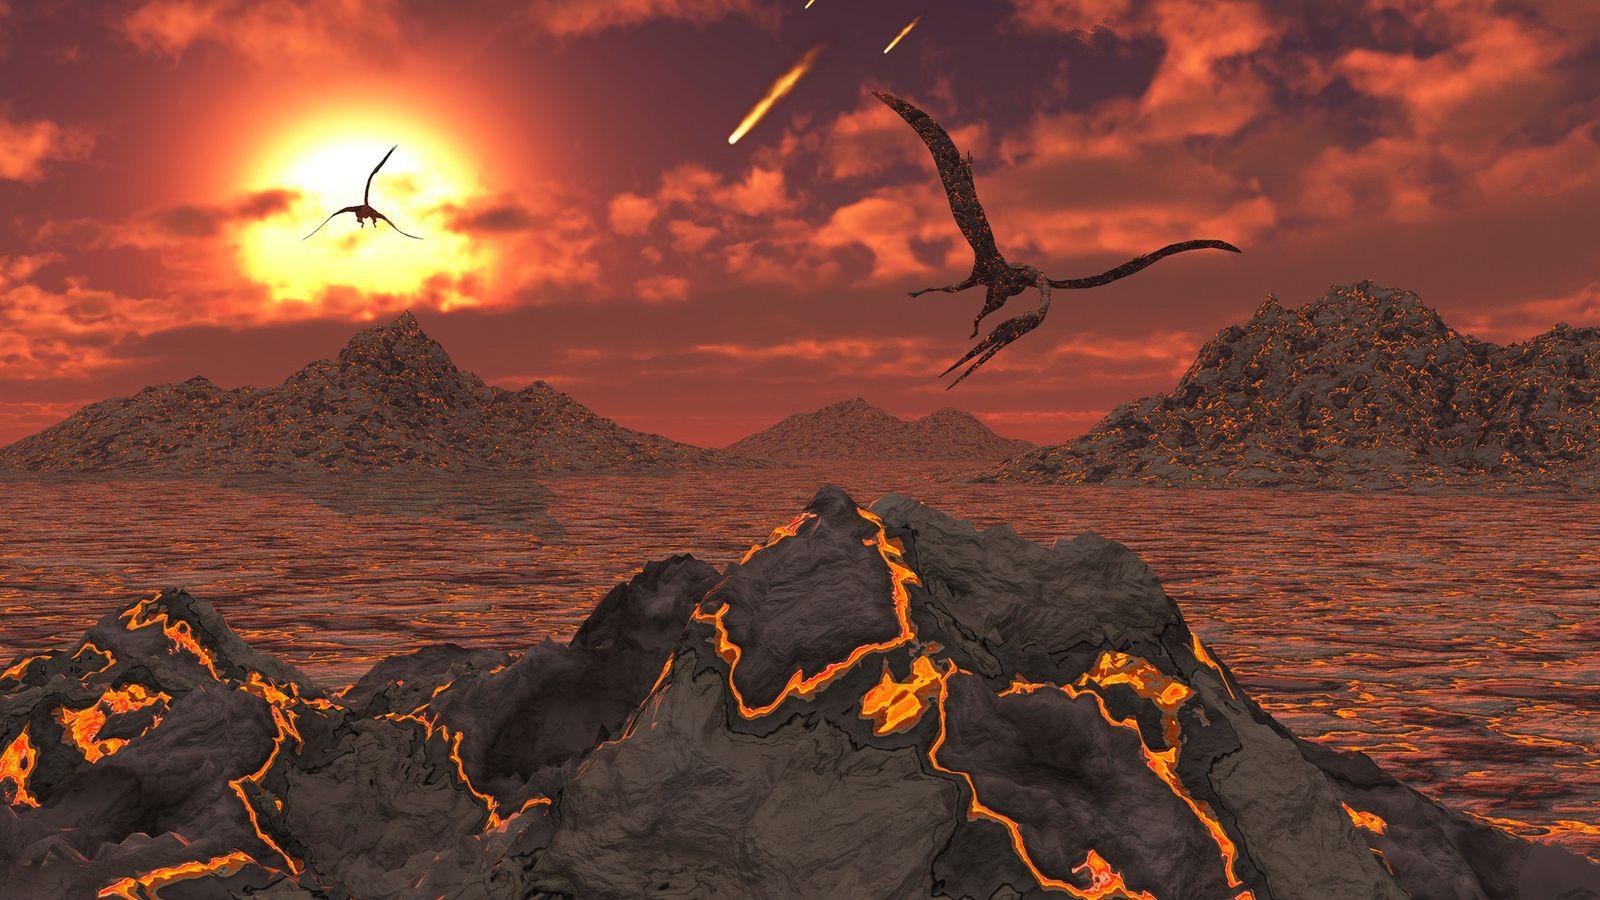 Pterossauros sobrevoam uma paisagem vulcânica durante o evento de extinção em massa que dizimou os dinossauros ...